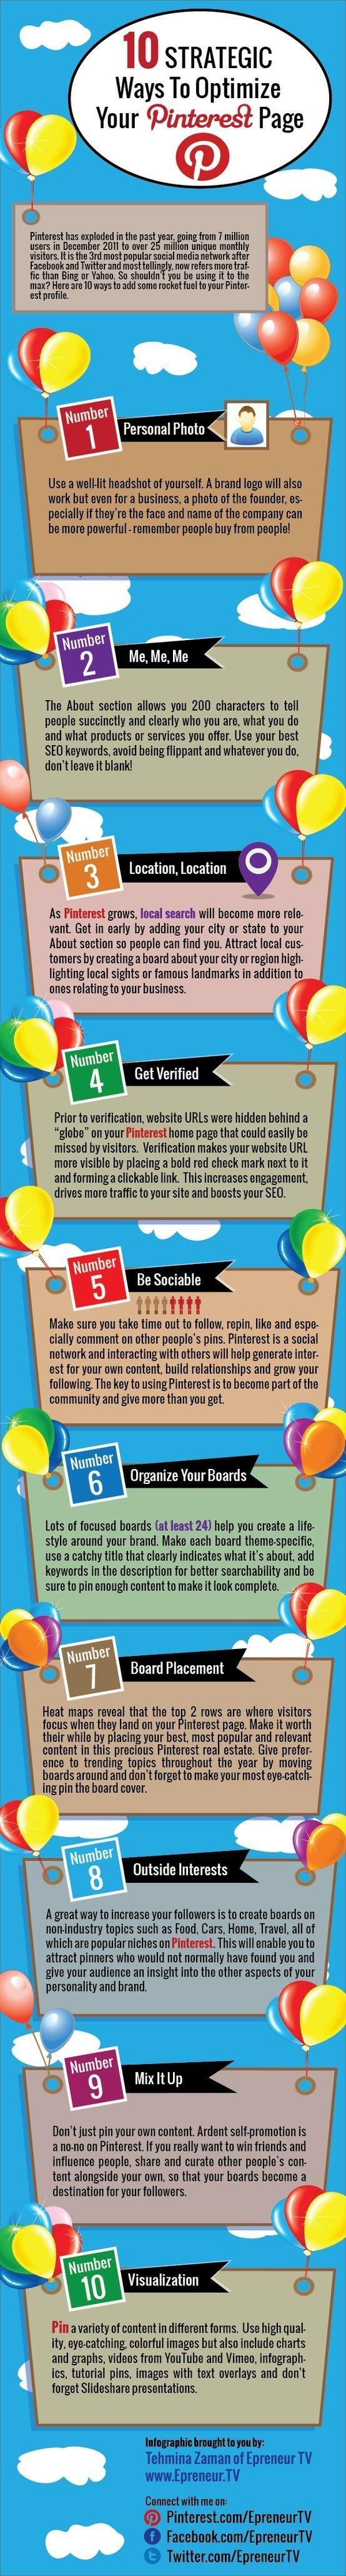 ▶◀の☀ Optimize Your #Pinterest Profile - good information for beginners